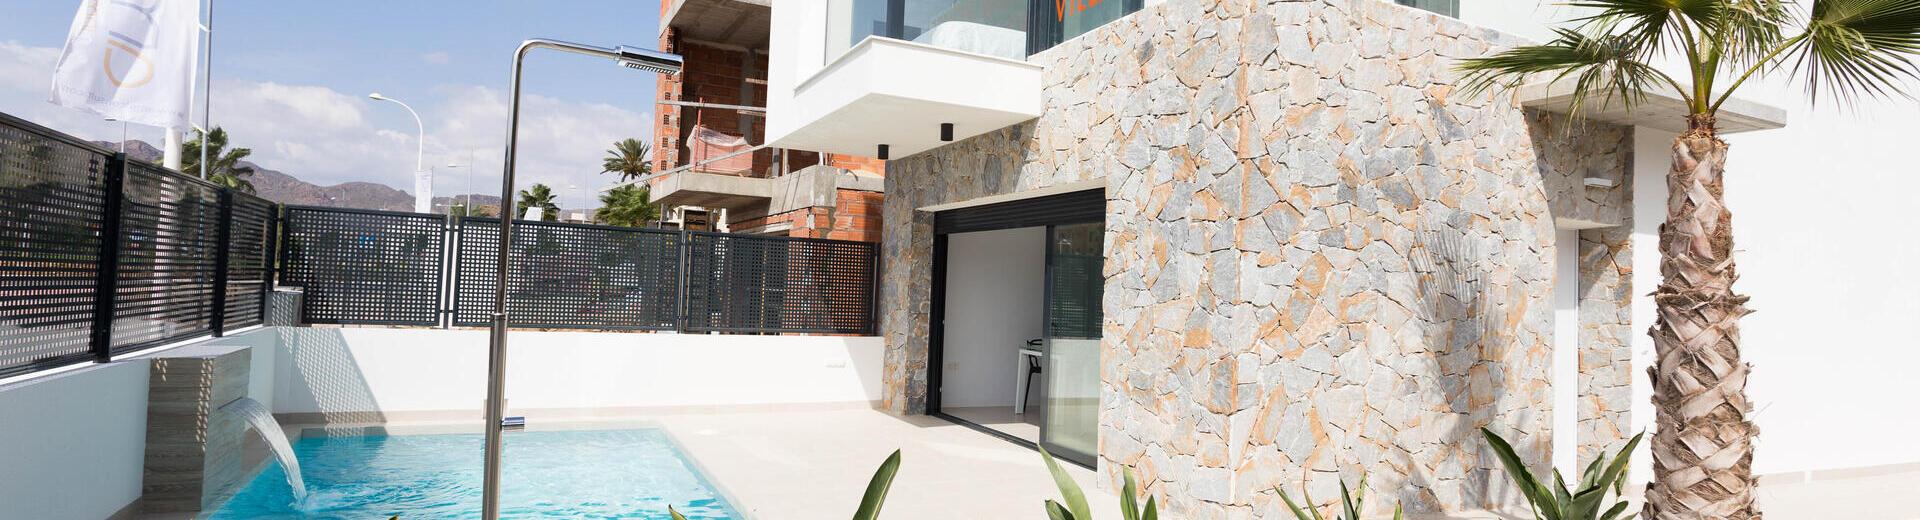 VIP7411: Villa te koop